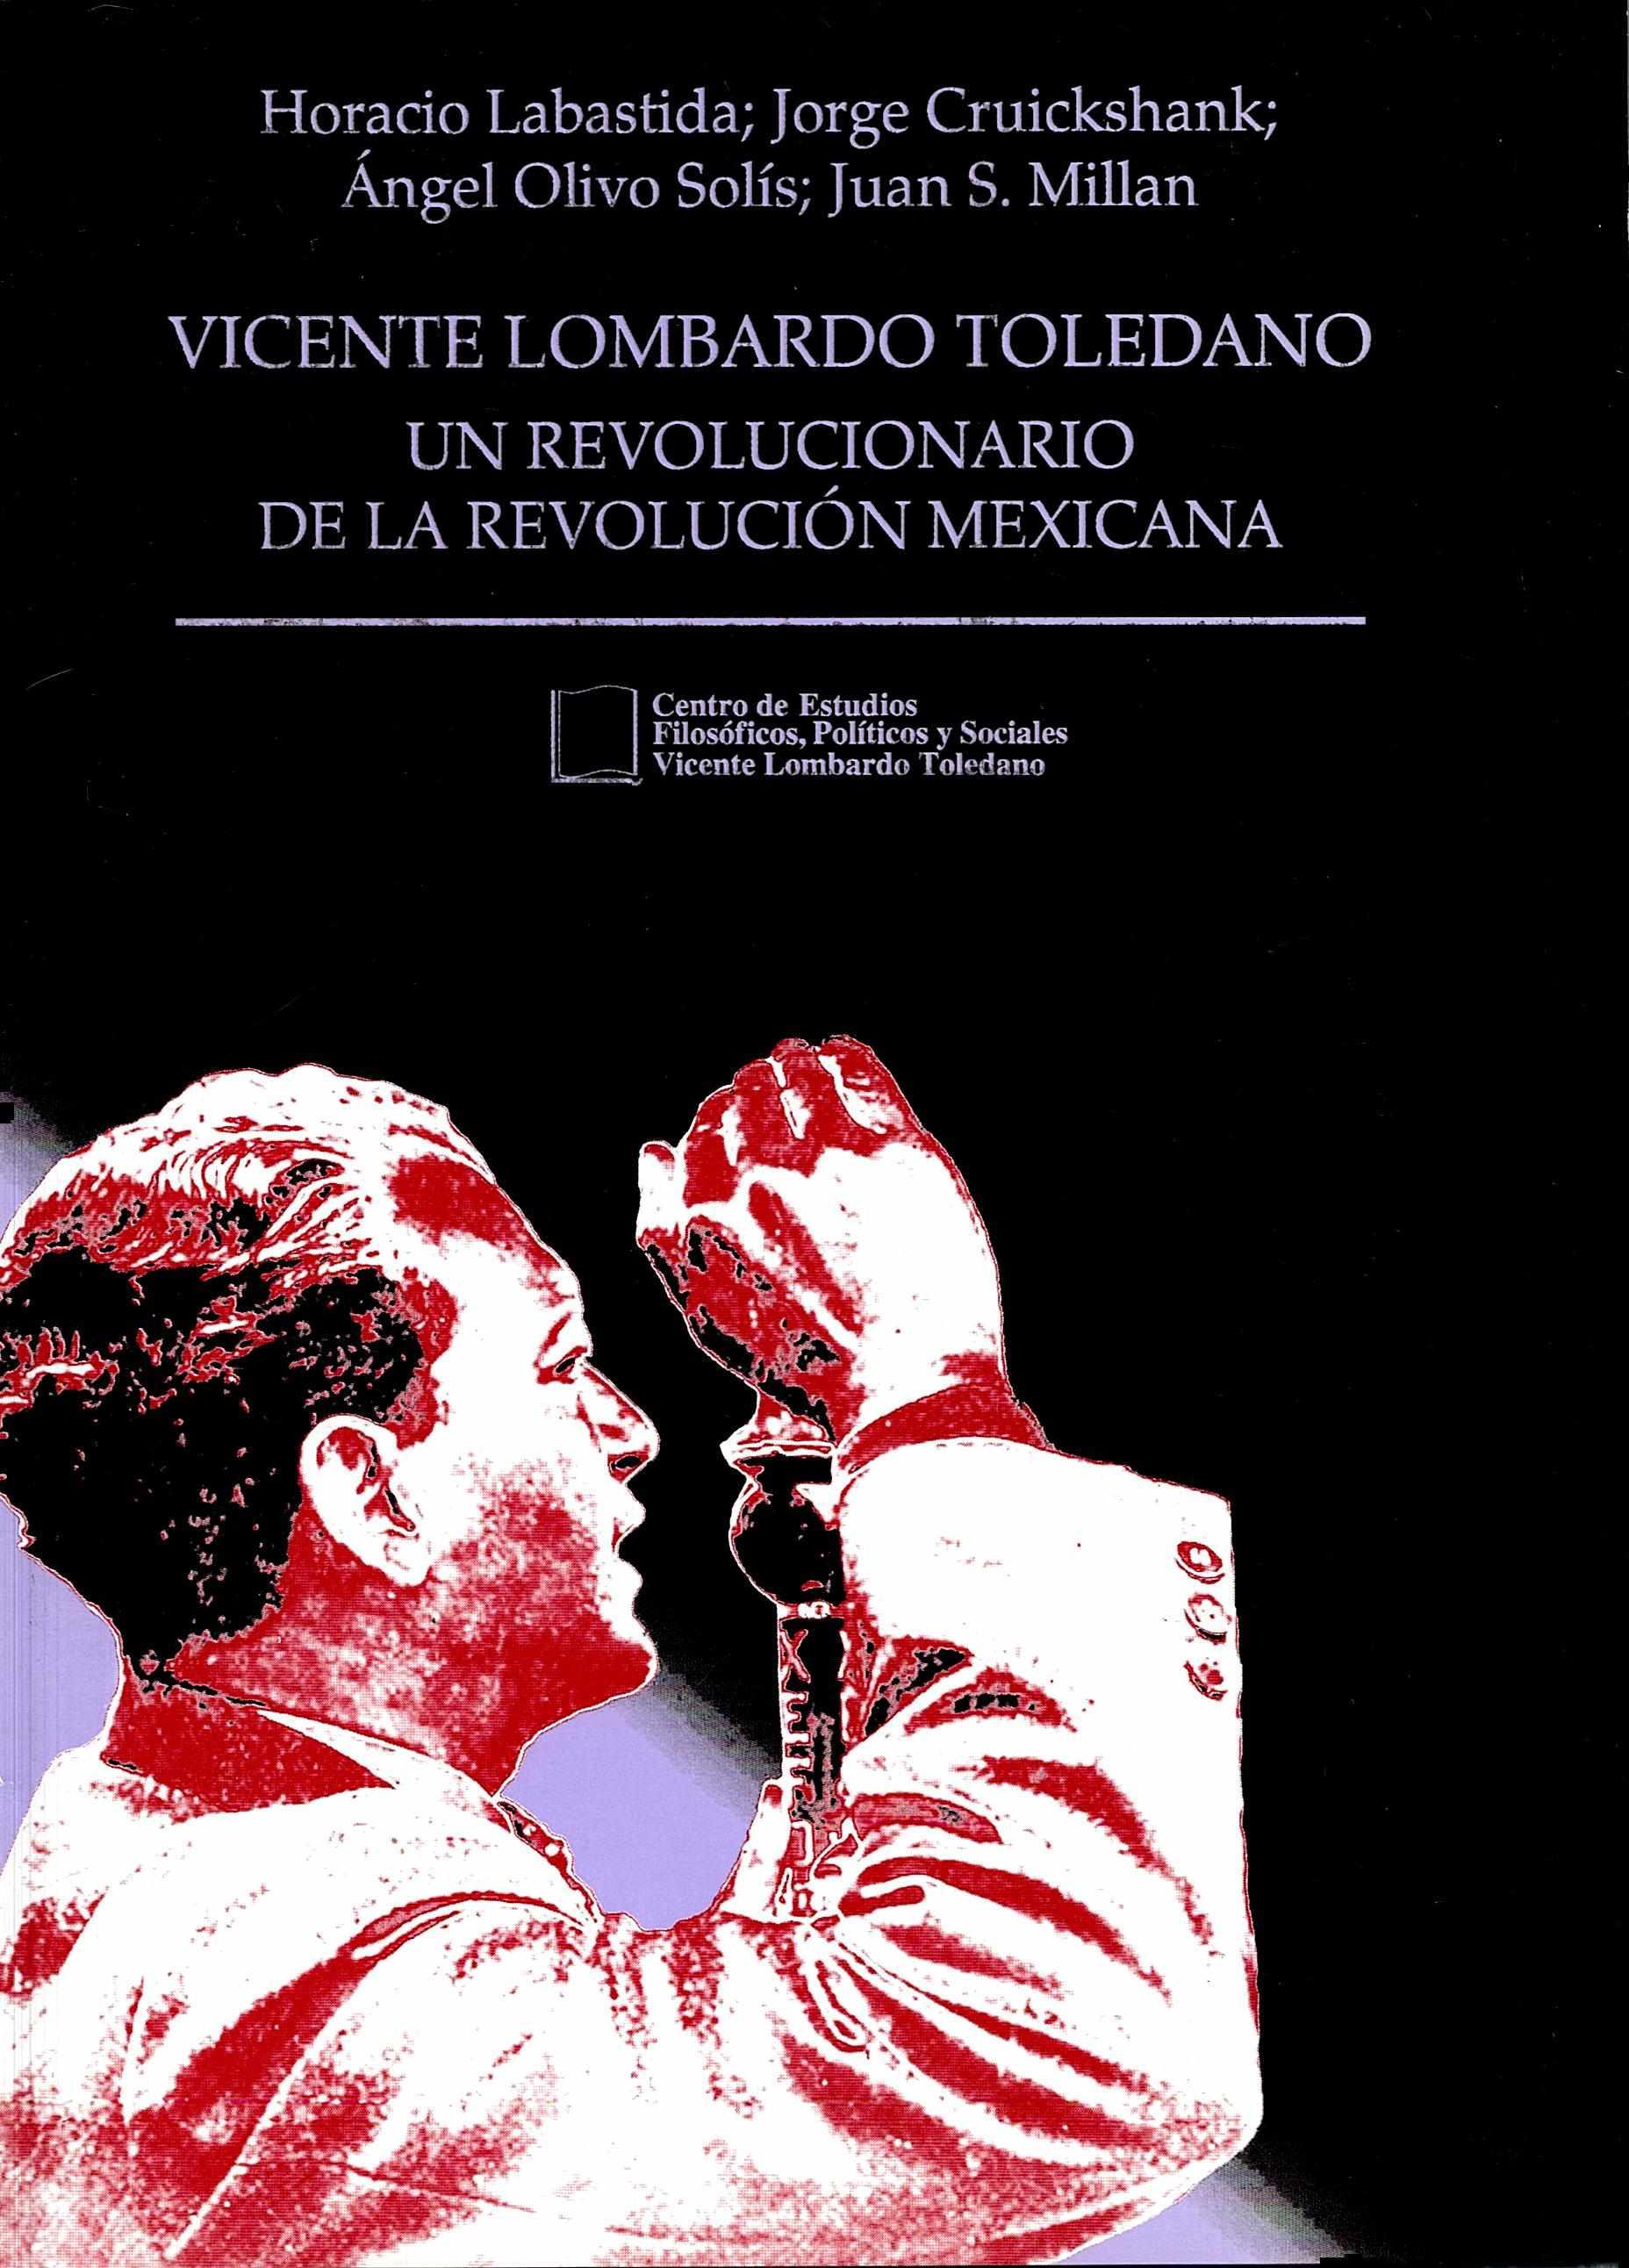 Portada del libro: VICENTE LOMBARDO TOLEDANO UN REVOLUCIONARIO DE LA REVOLUCIÓN MEXICANA